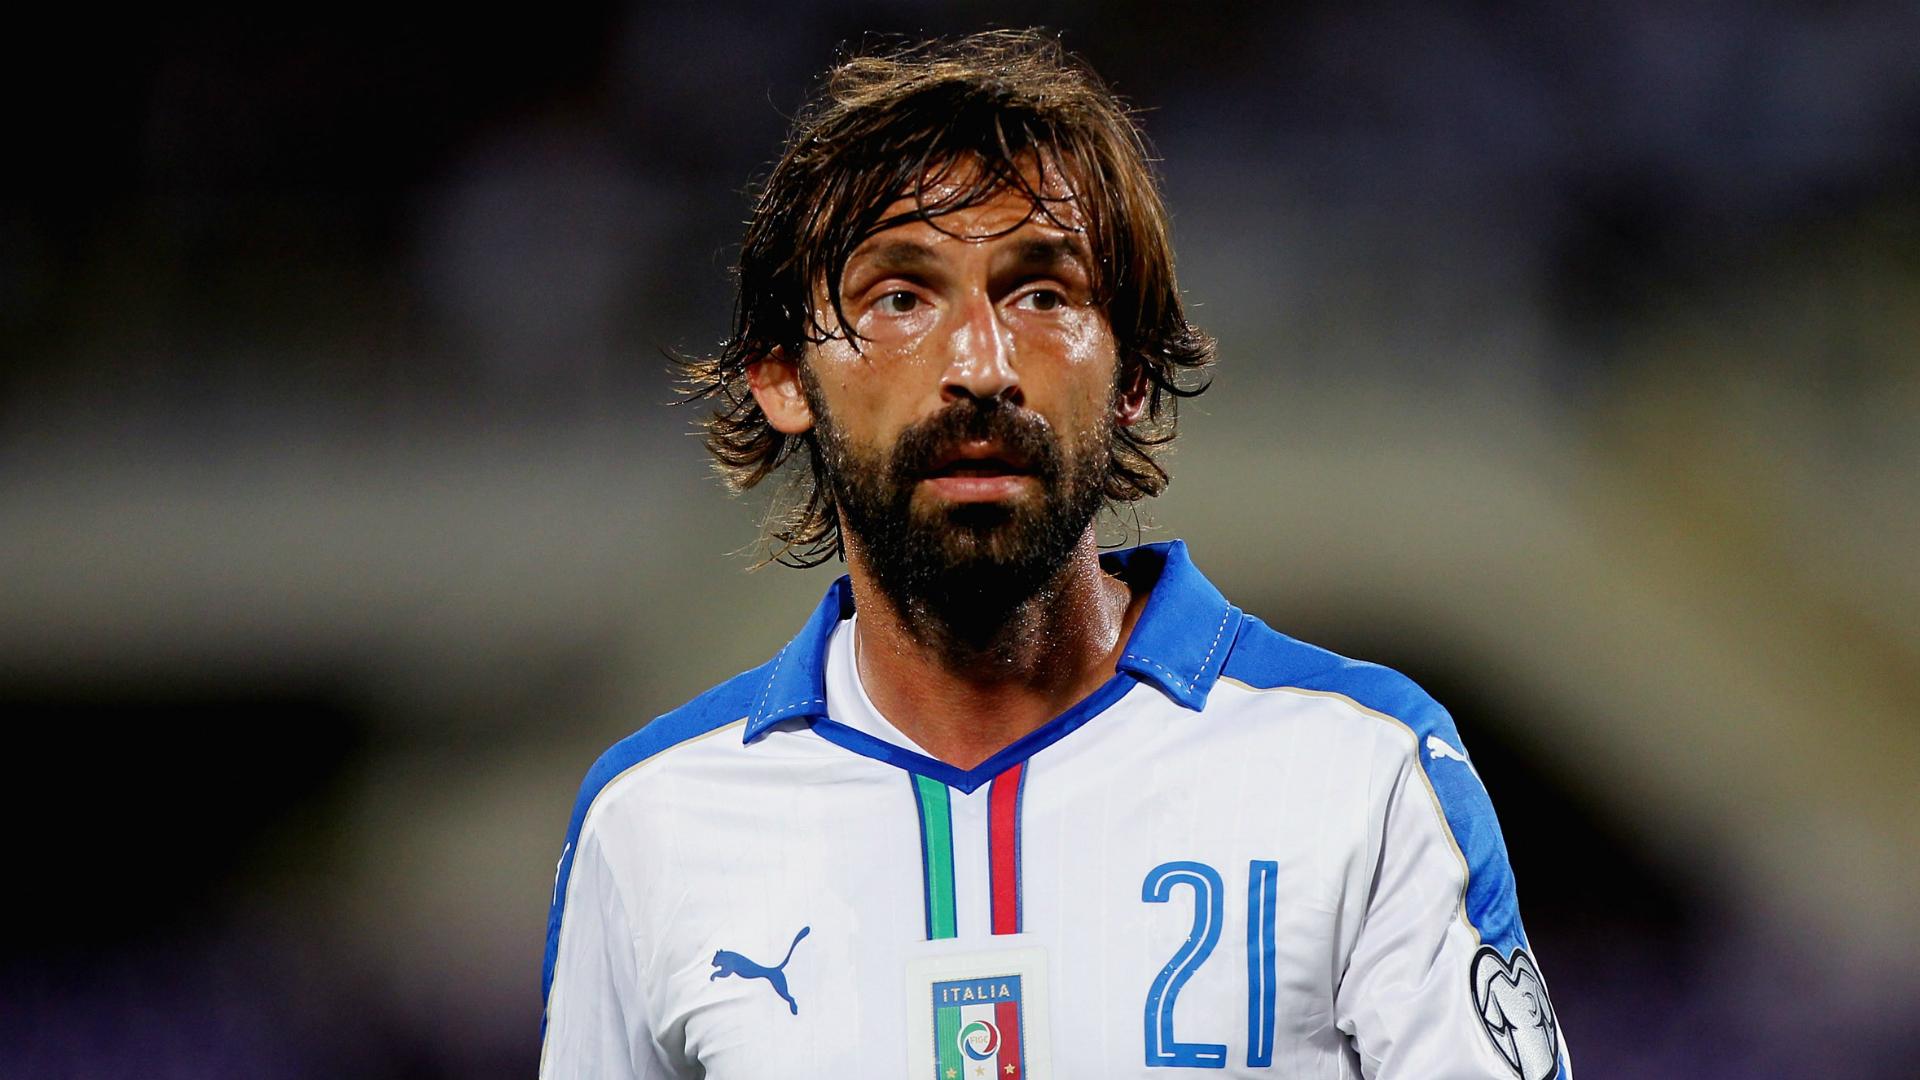 Conte's Greatest XI/Andrea Pirlo